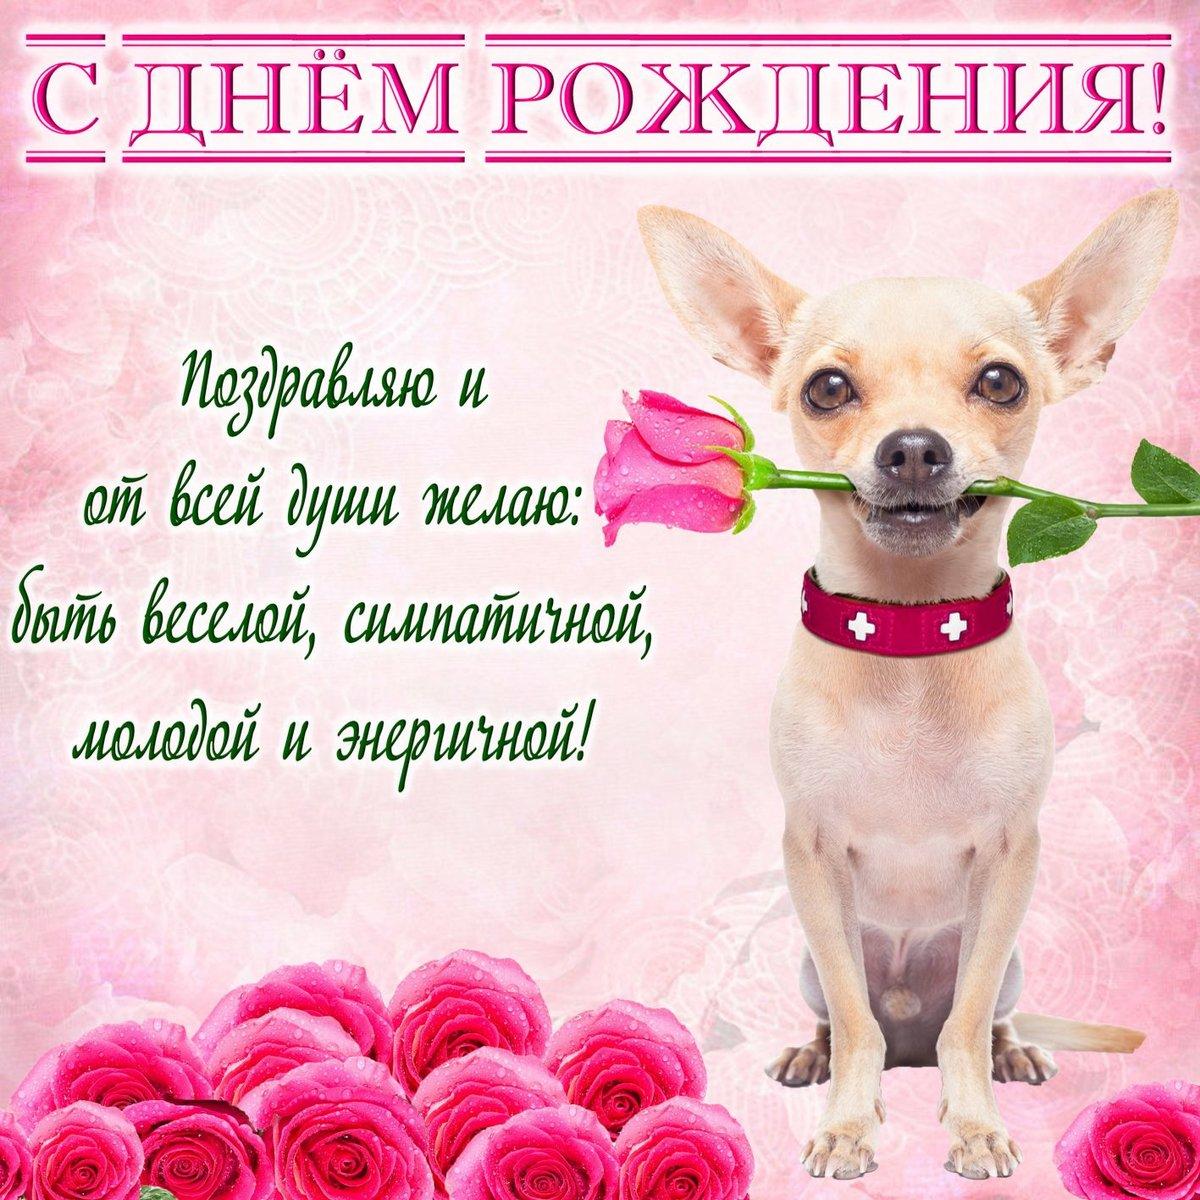 Открытки для поздравления собаки, дня православные